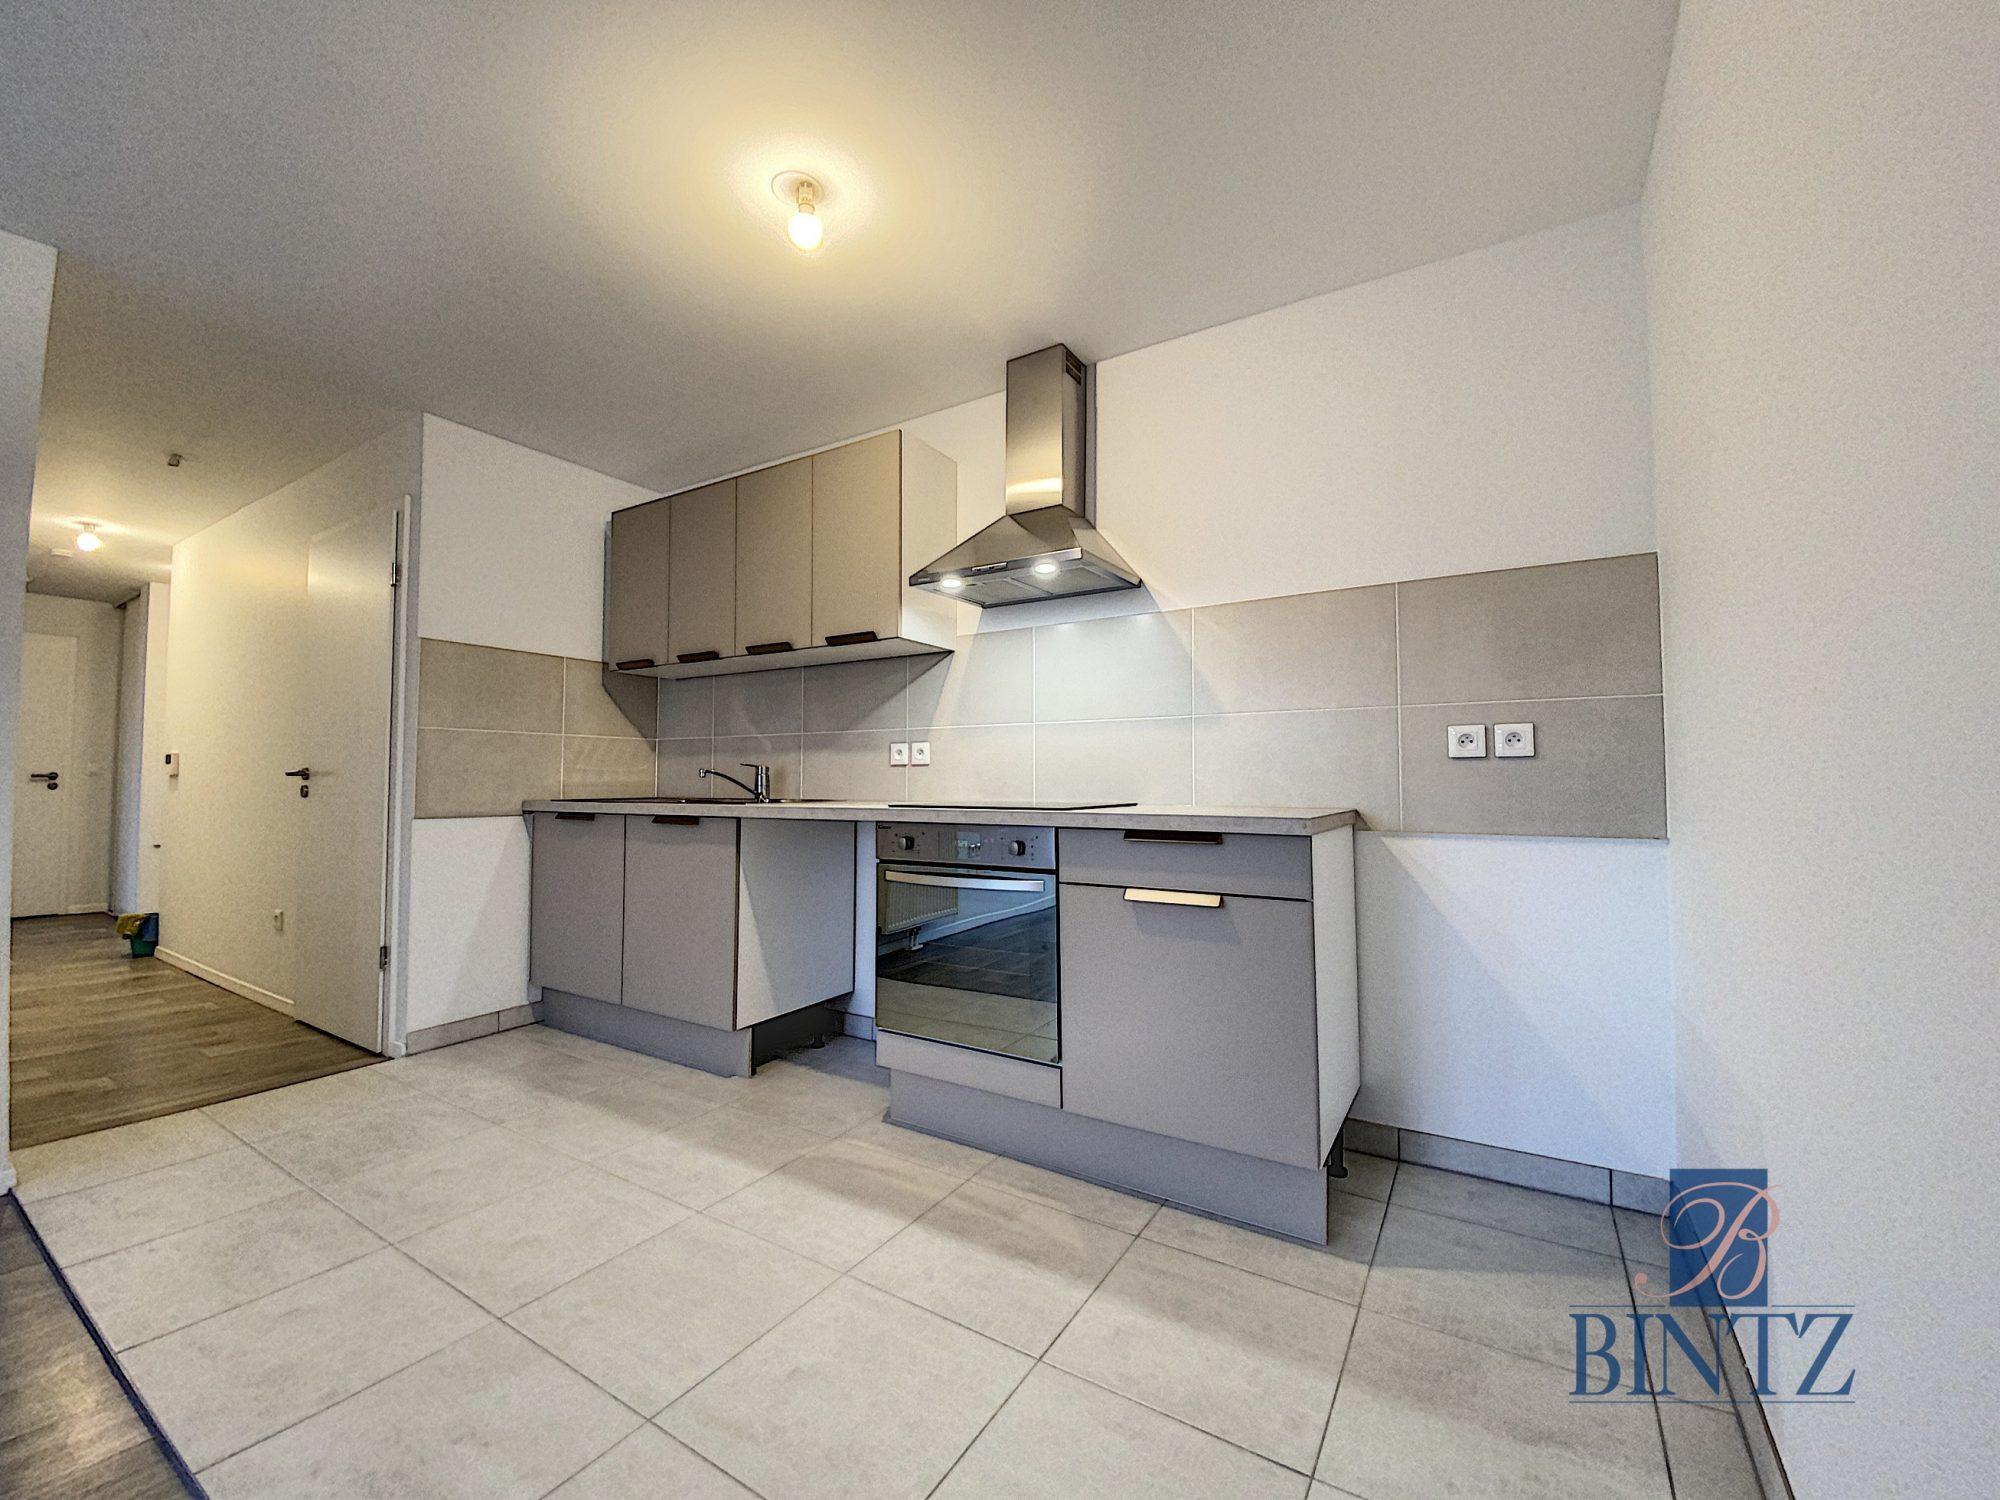 3 Pièces NEUF Quartier des brasseurs - Devenez locataire en toute sérénité - Bintz Immobilier - 9